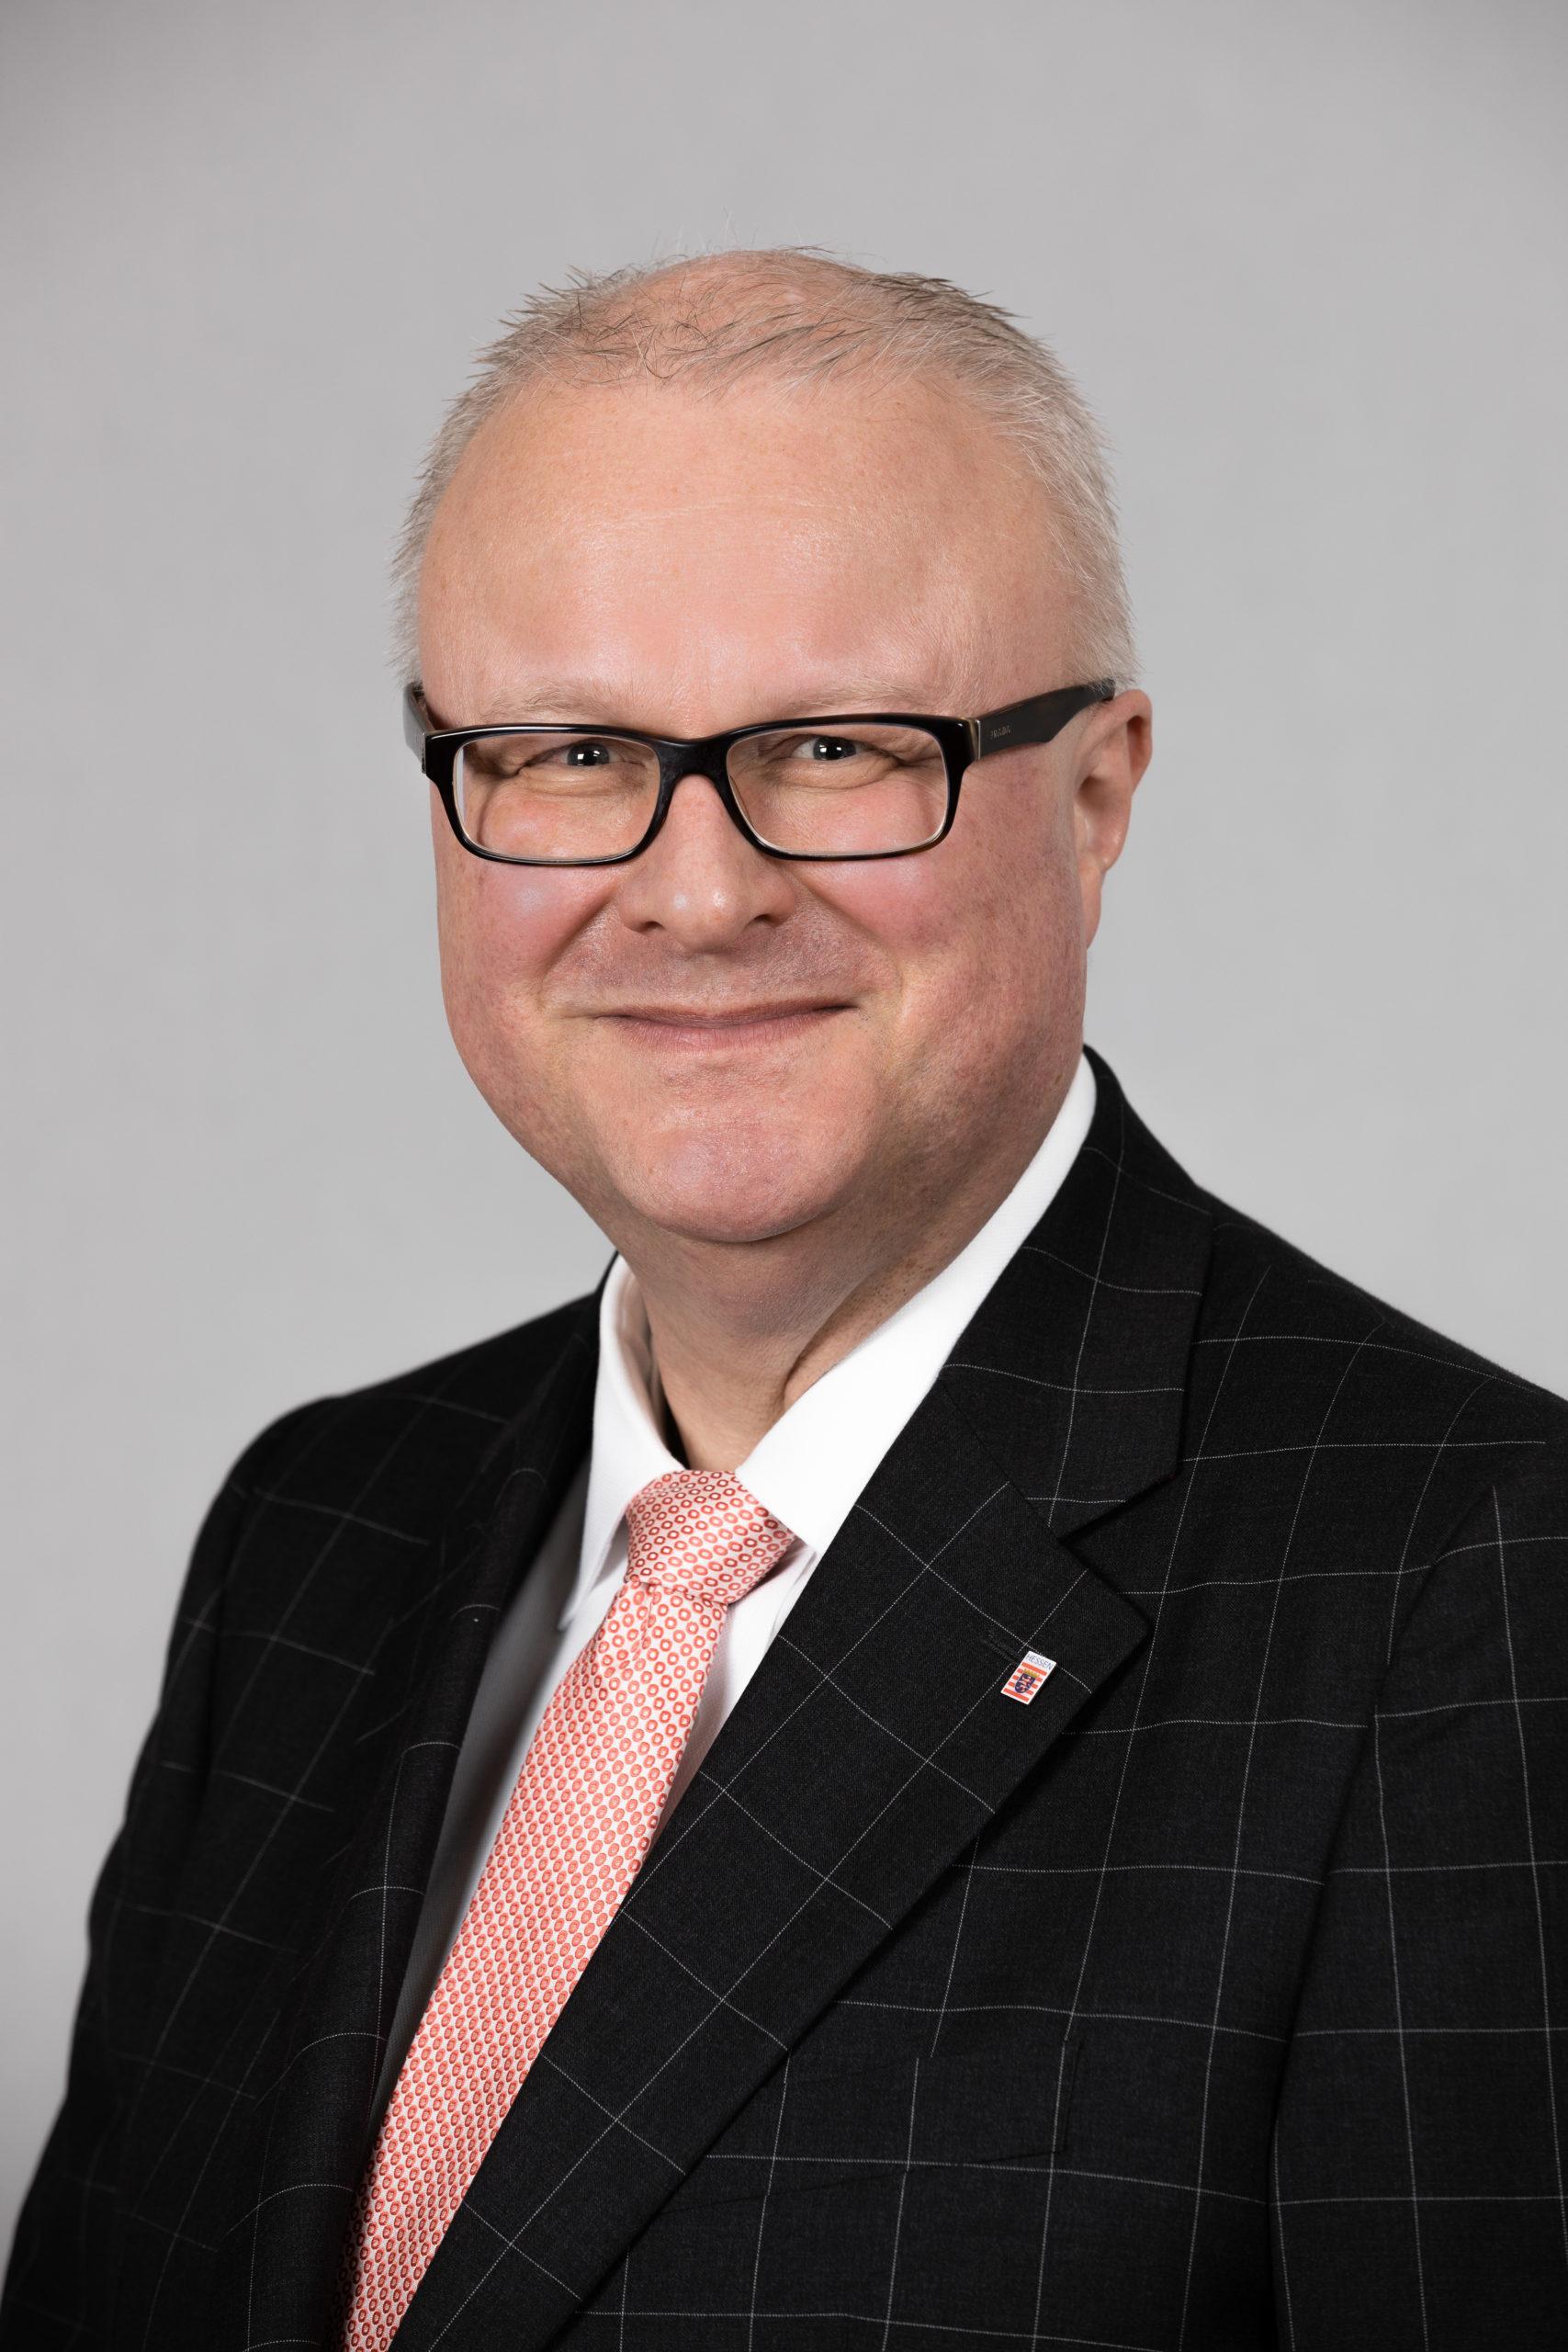 Hessischer Finanzminister Tot